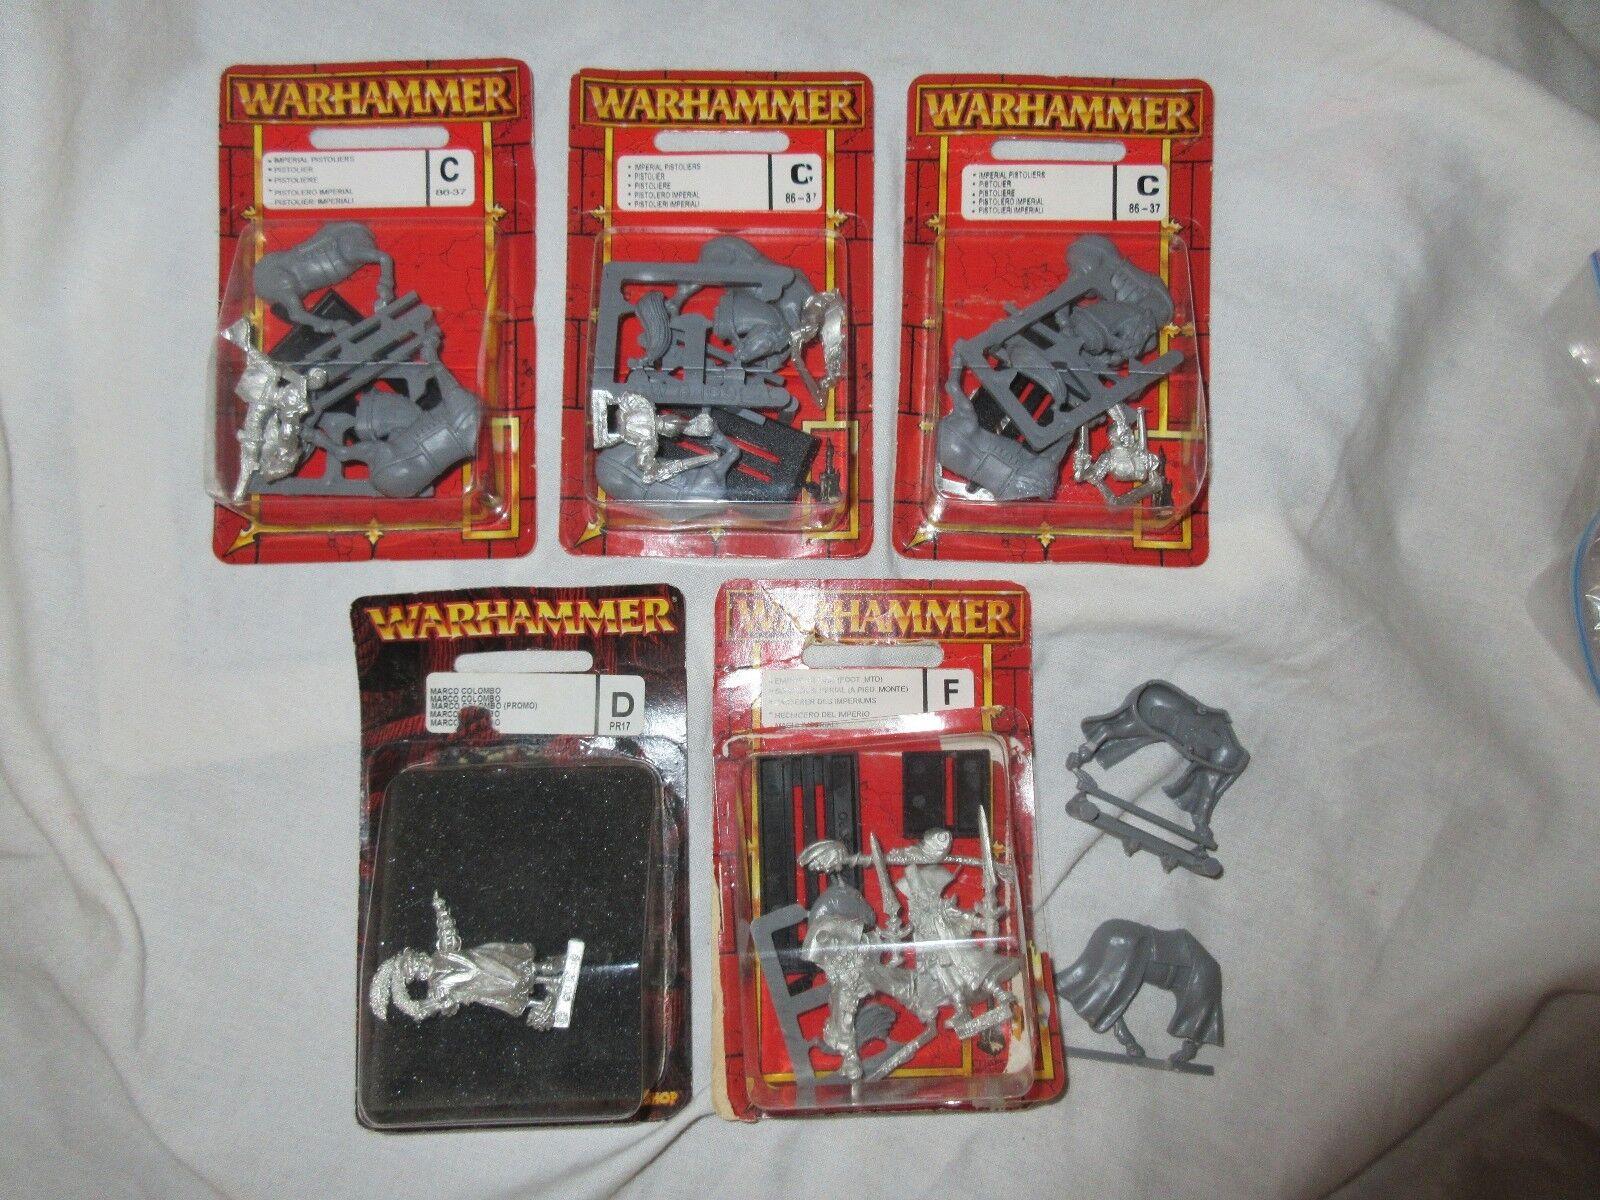 Warhammer empire por favor, elija blisterpackungen